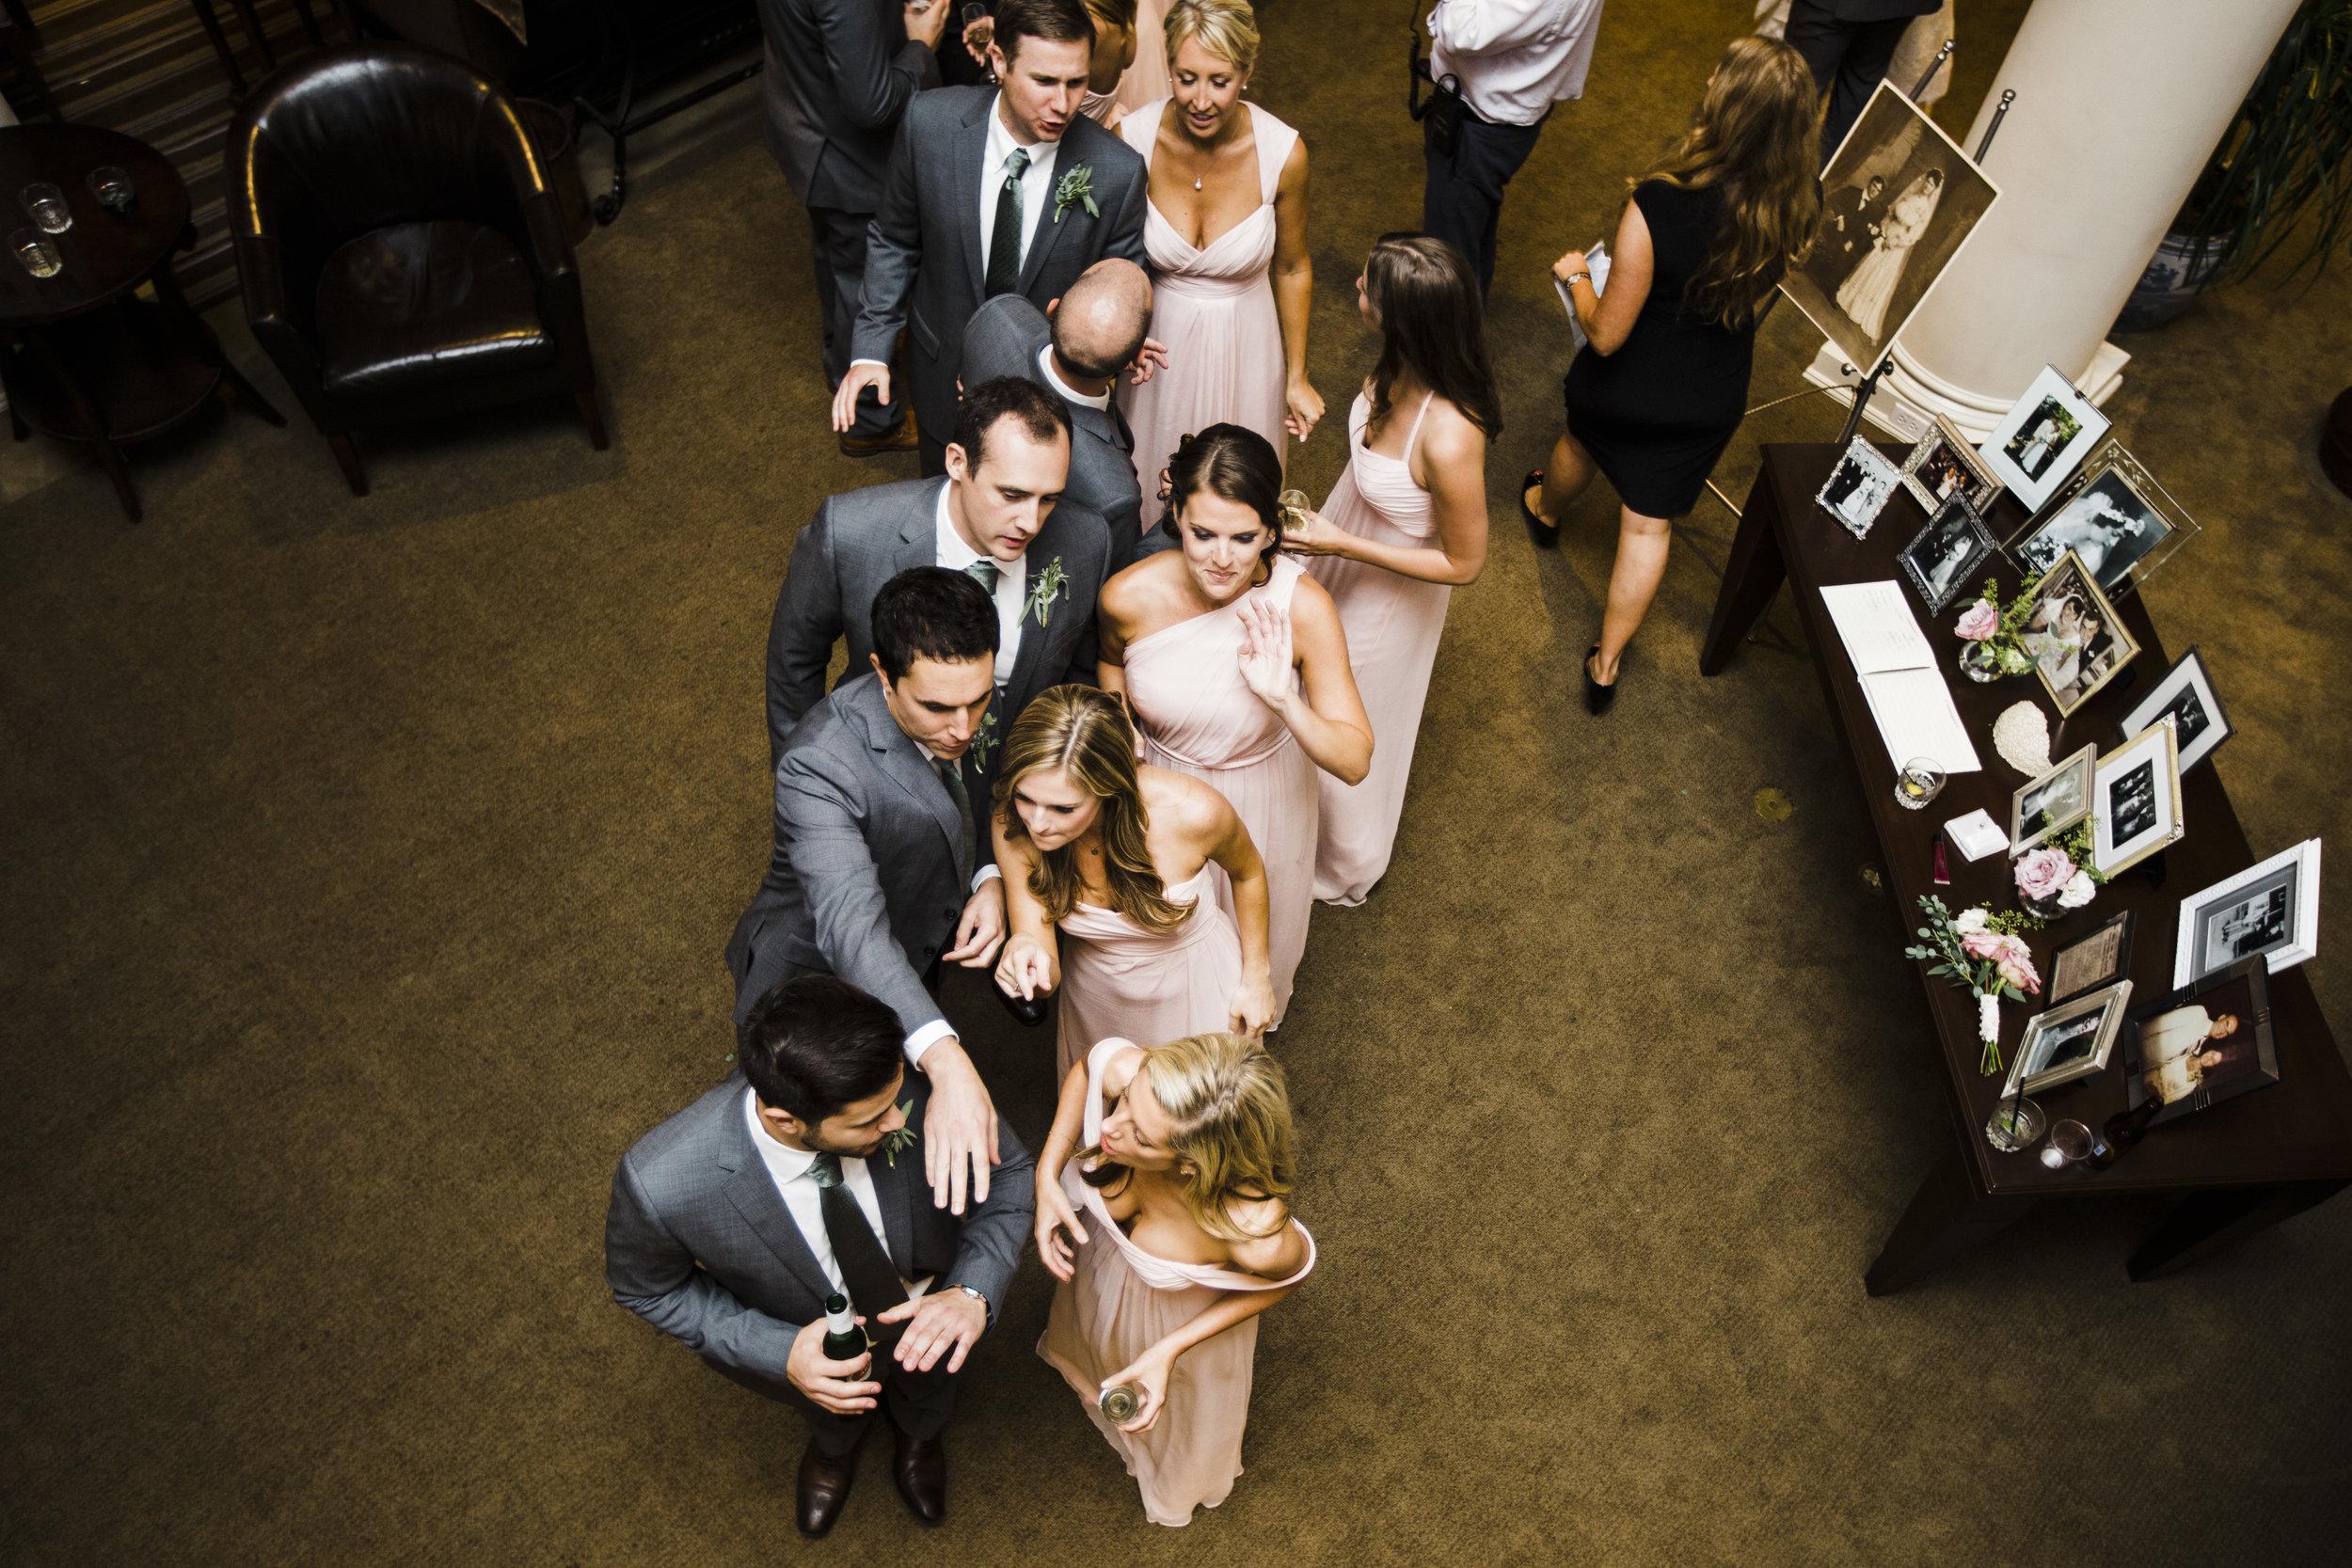 Matt_Jordan Wedding 8-30-2014_089.jpg